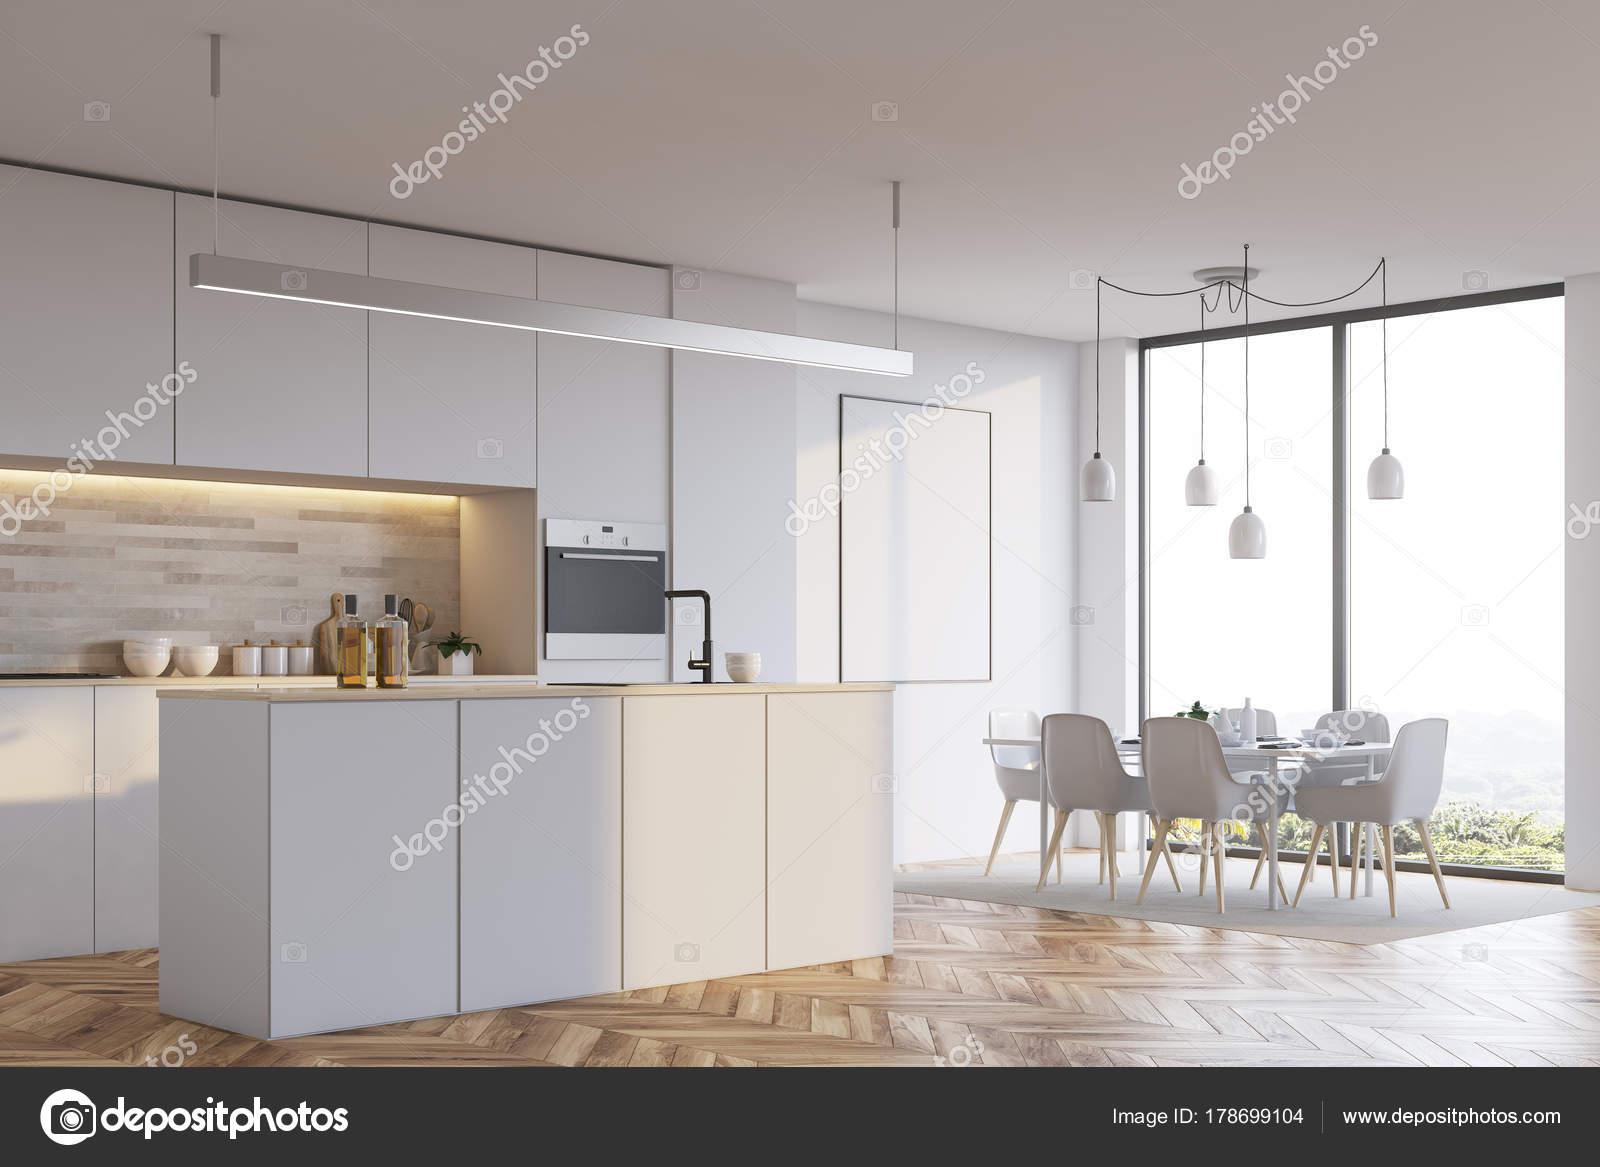 3d Fußboden Küche ~ Weiße küche mit bar plakat seite u2014 stockfoto © denisismagilov